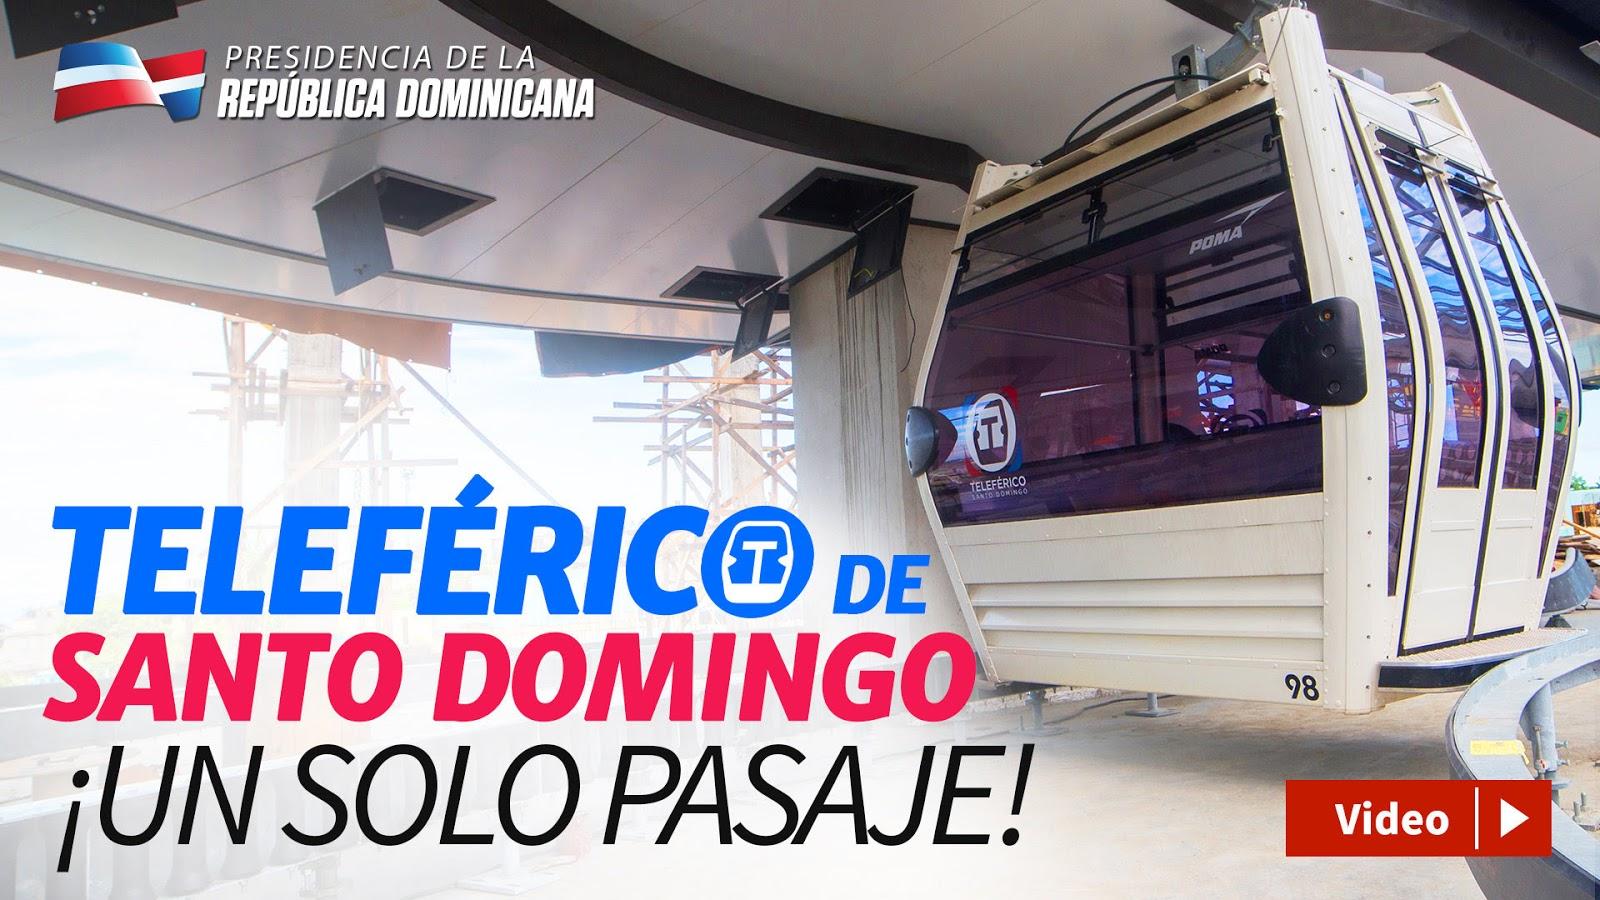 Gobierno destaca impacto social, humano y económico que tendrá el Teleférico Santo Domingo